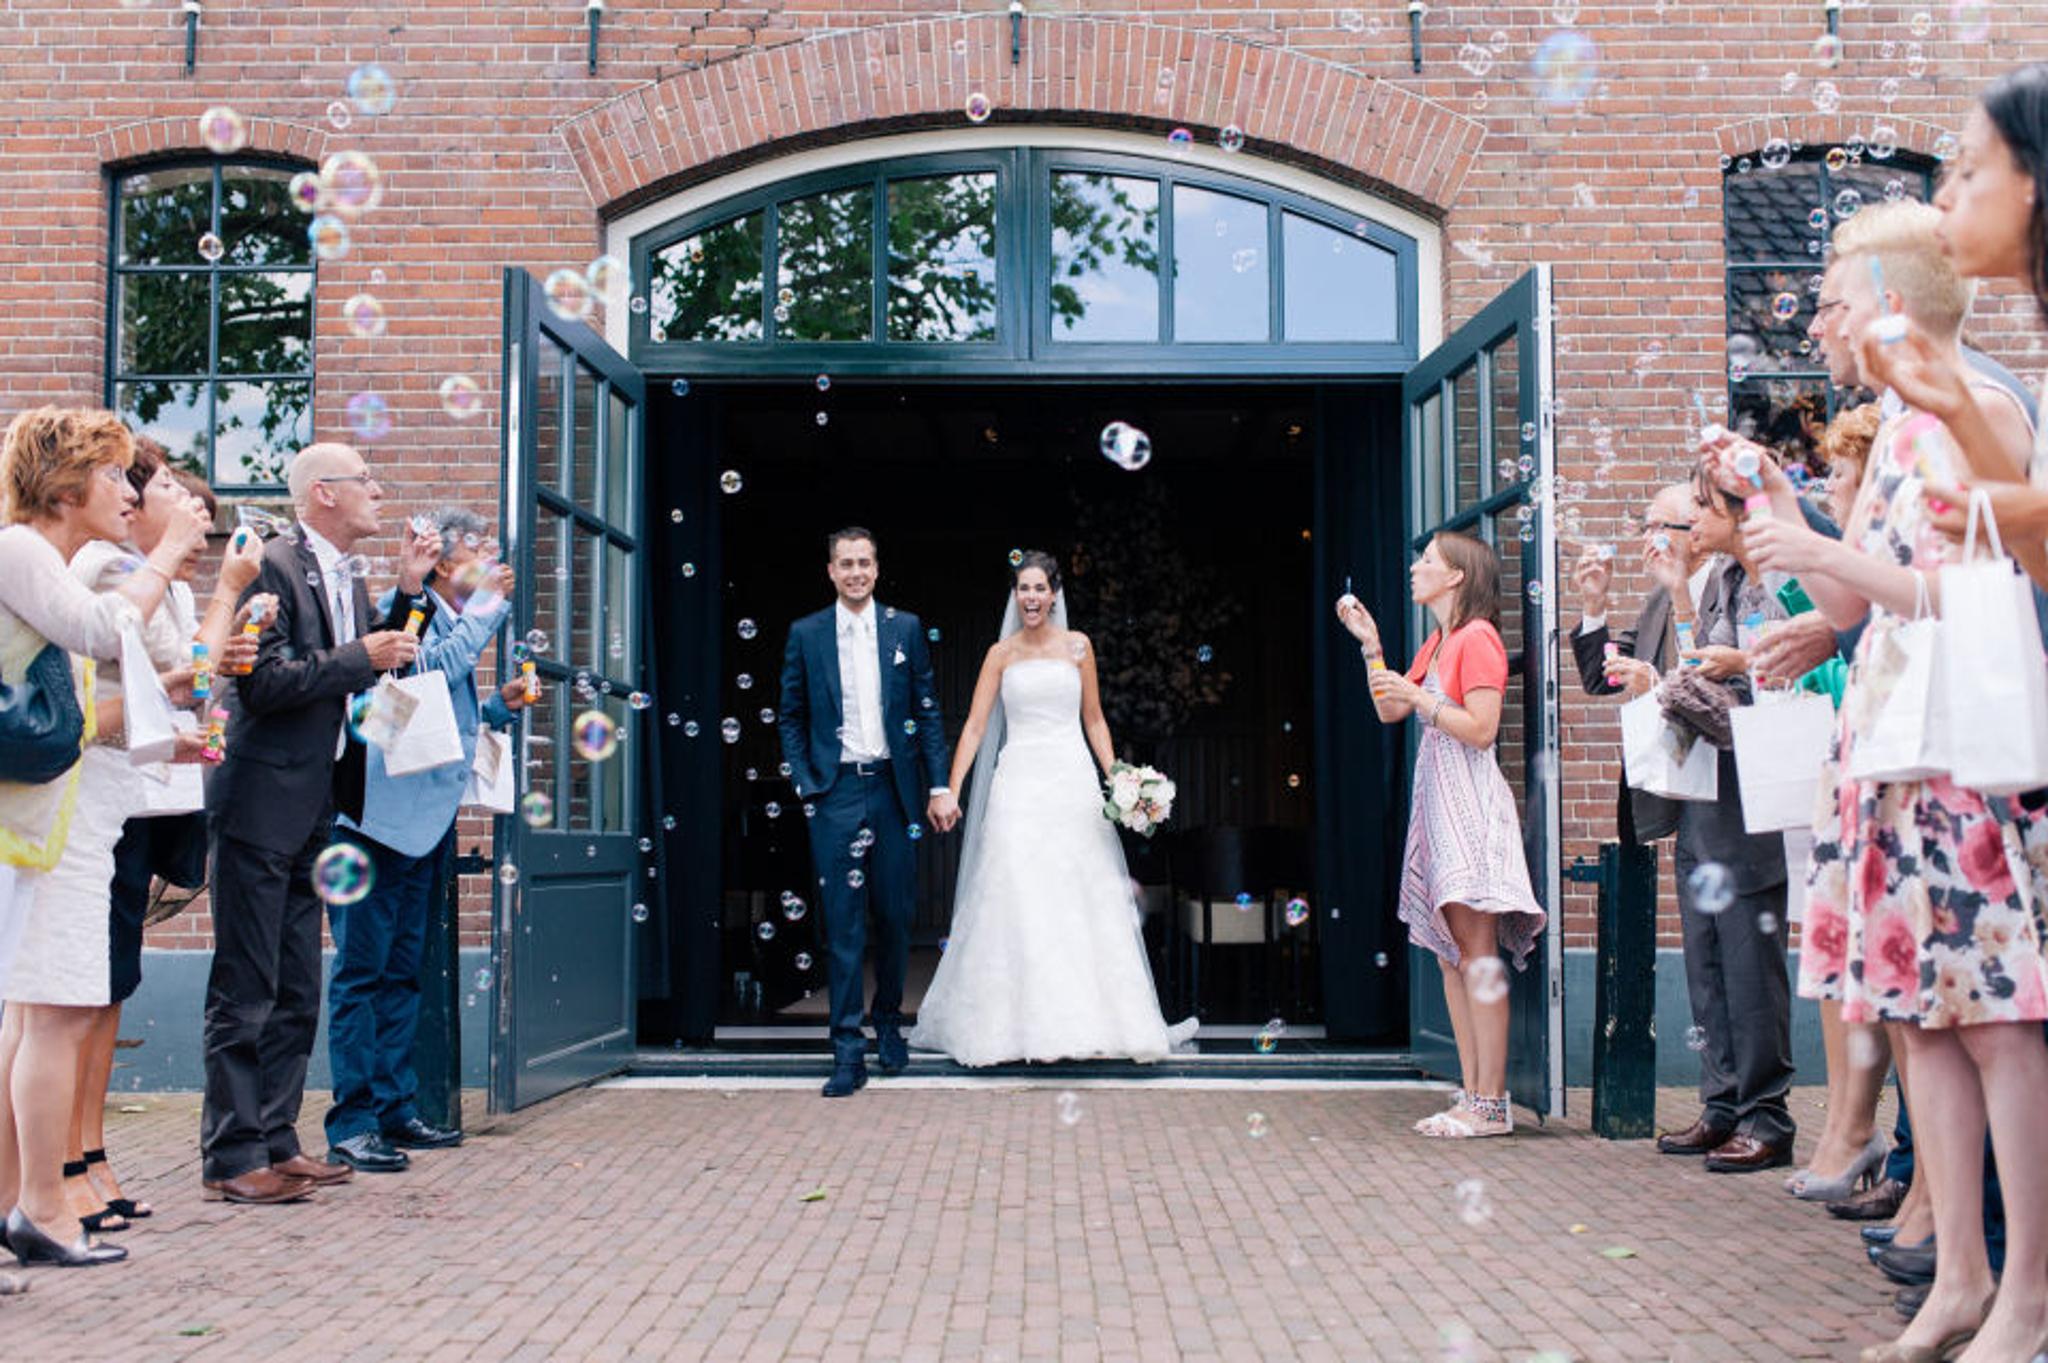 http://www.blendedconnect.nl/wp-content/uploads/2020/10/mereveld-bruidspaar-voor-.jpg